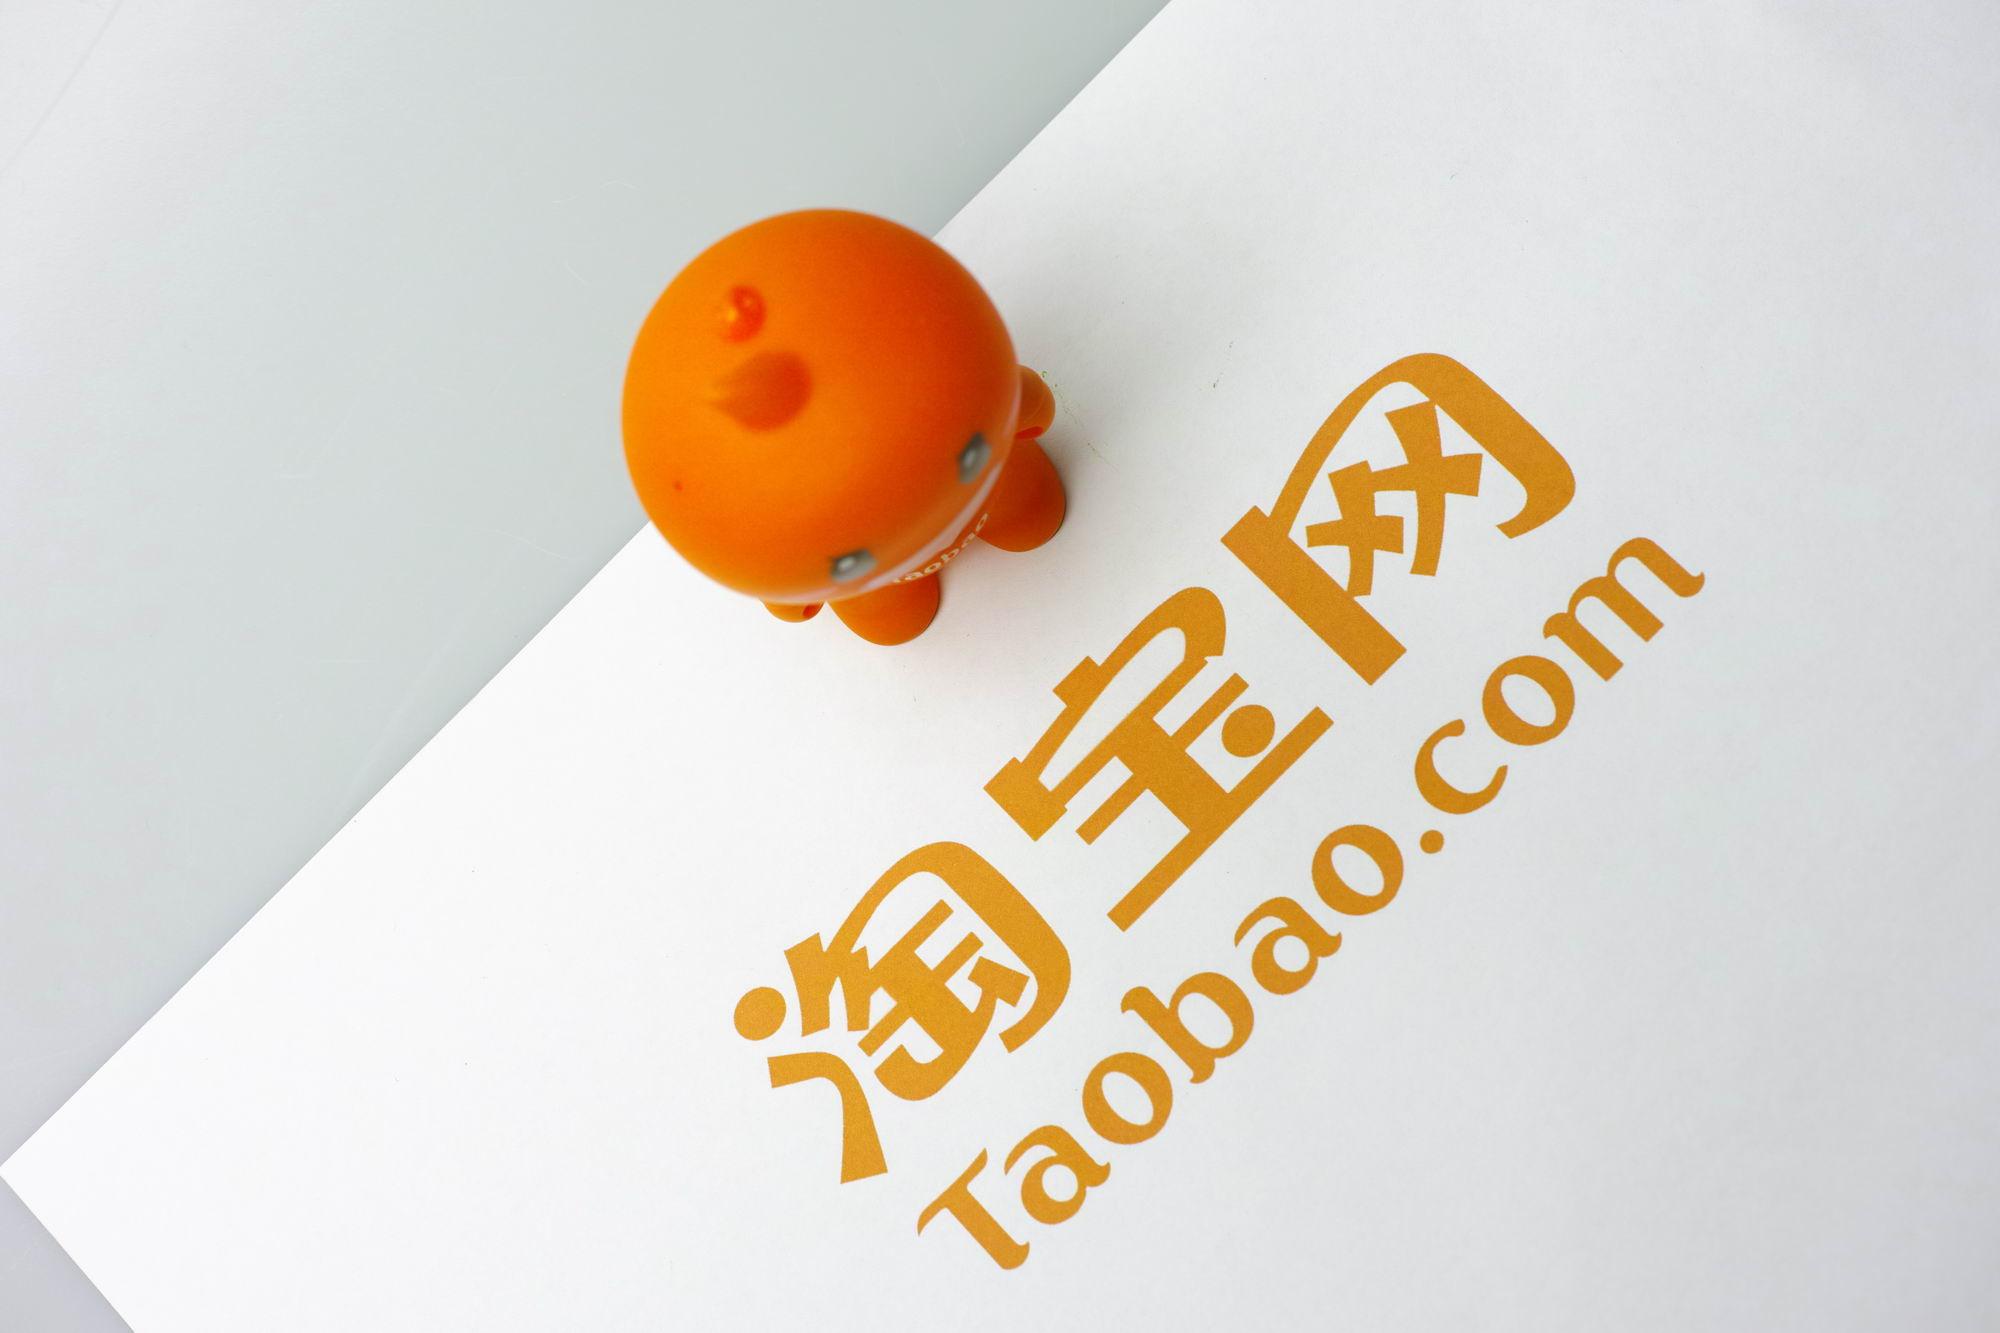 淘宝台湾将于年底停止运营 现已关闭部分功能_零售_电商报